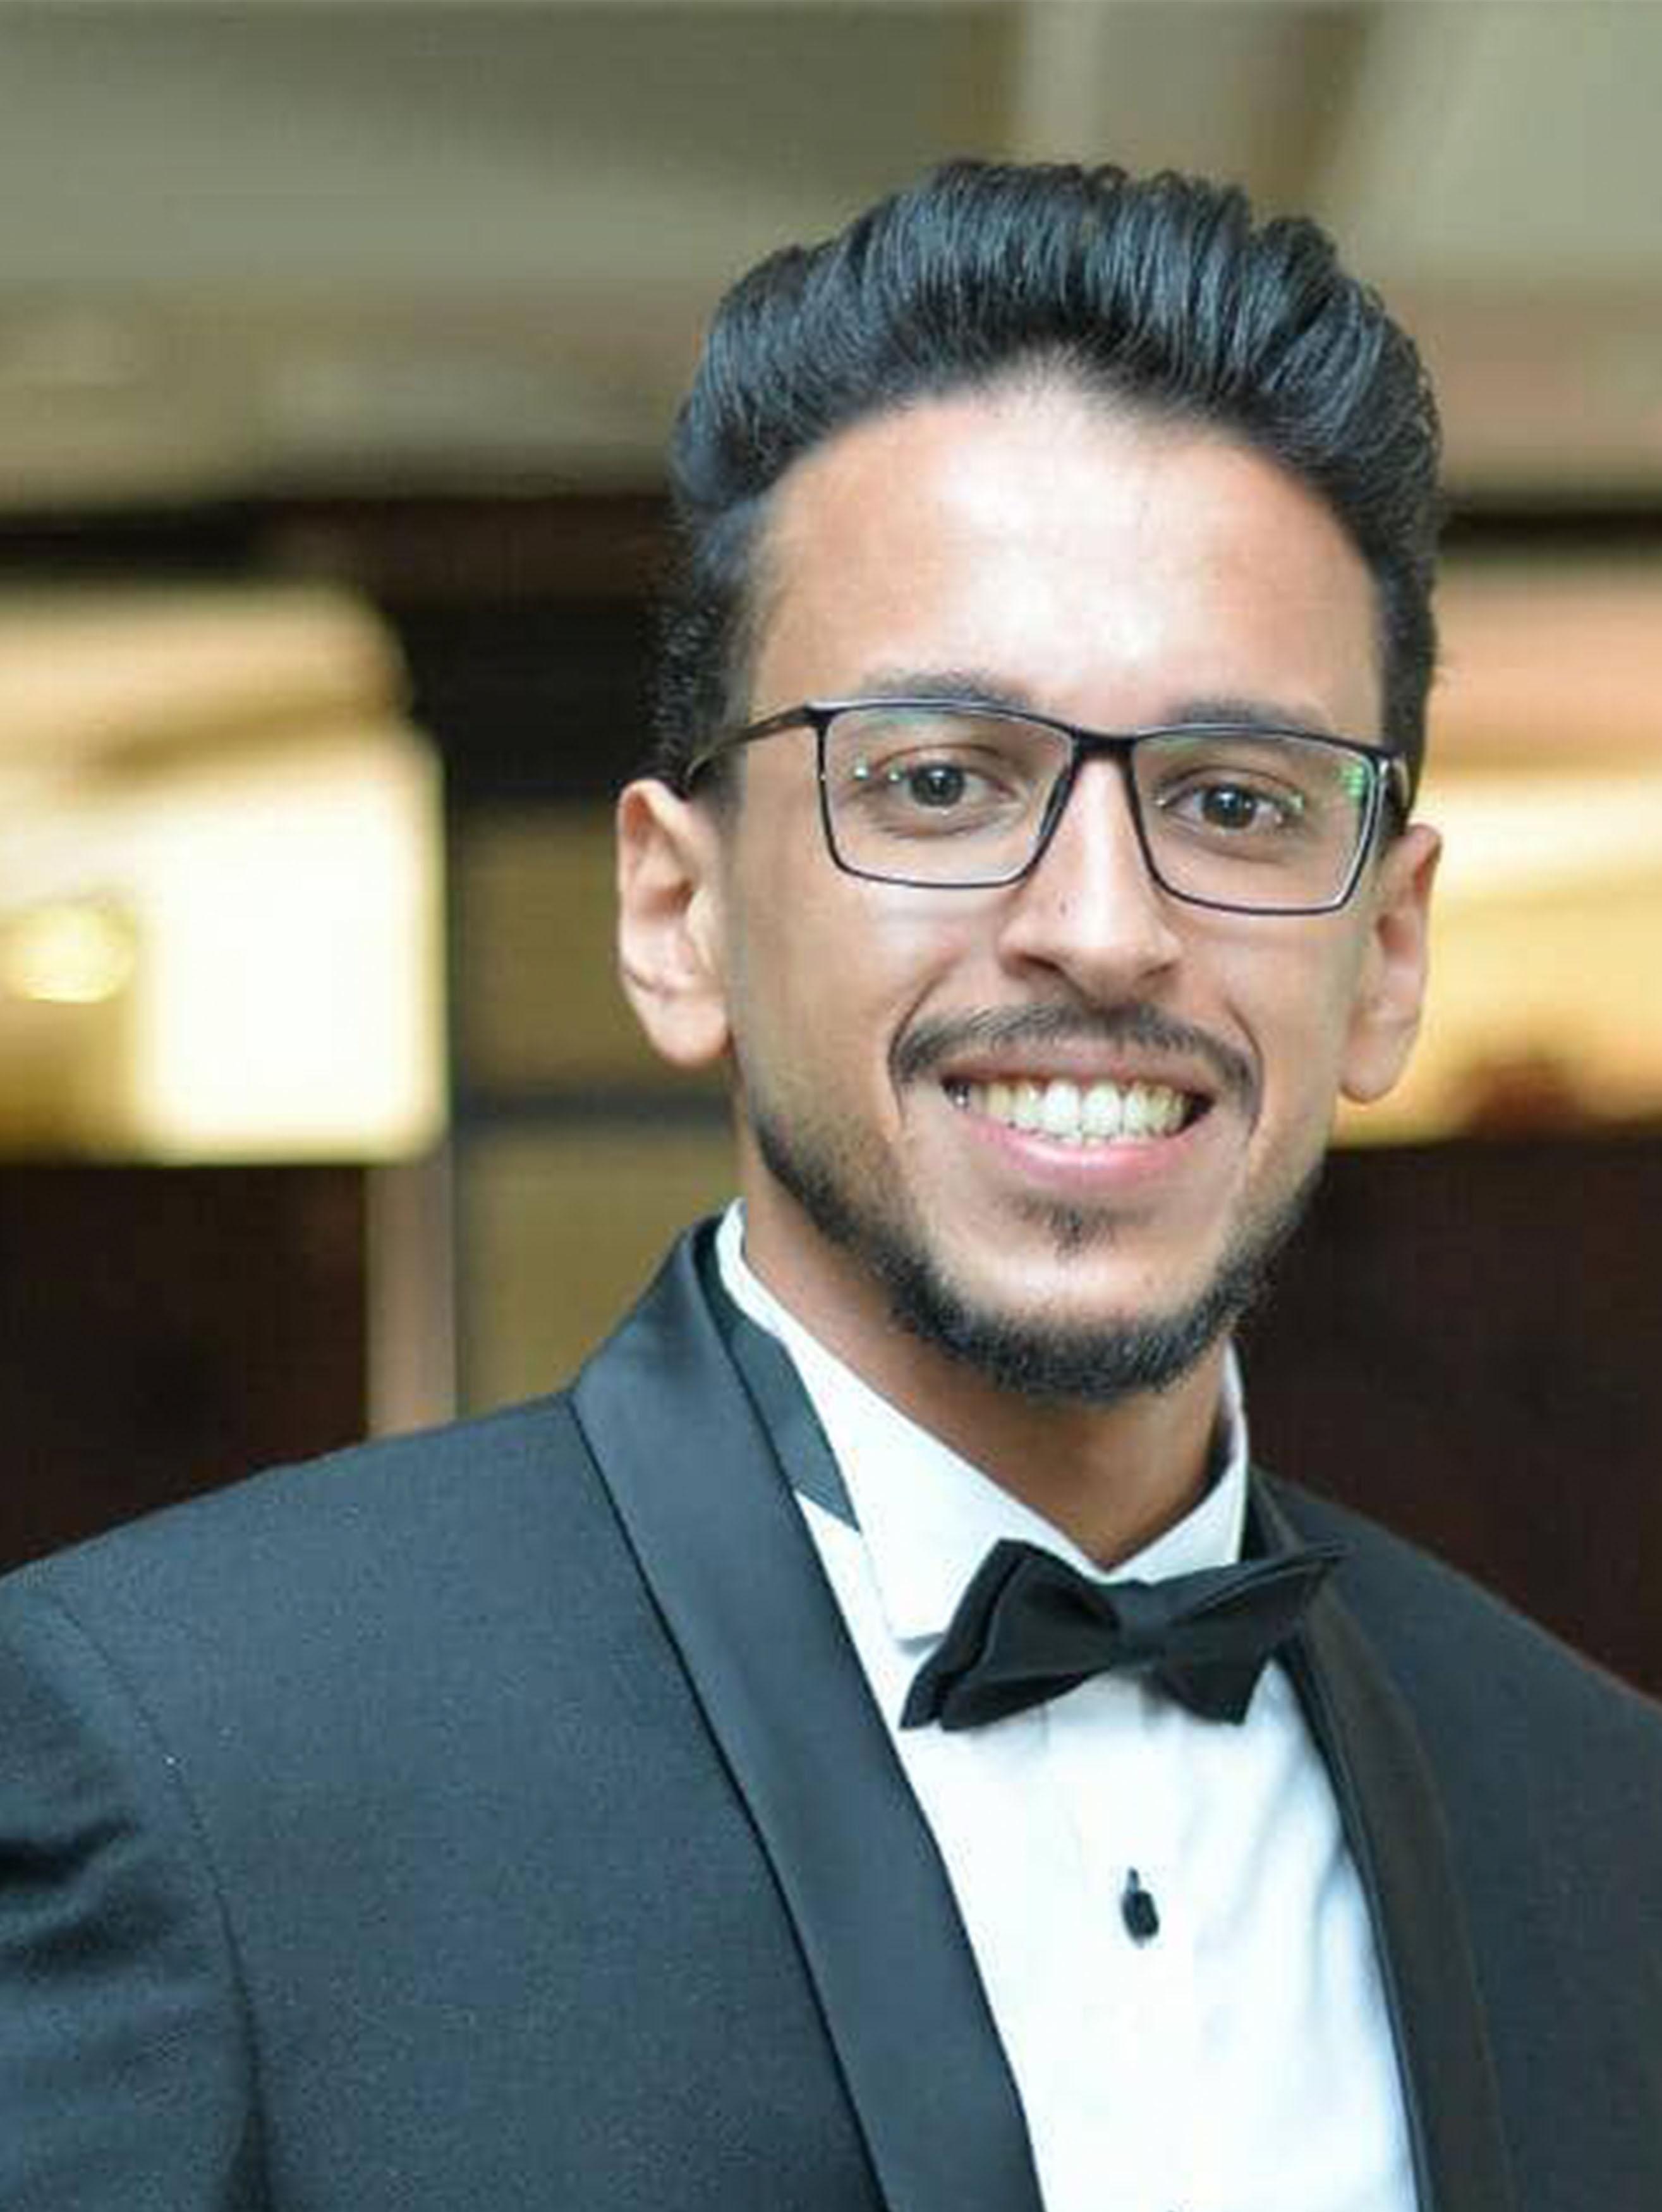 Abdulrhaman Mekkawy